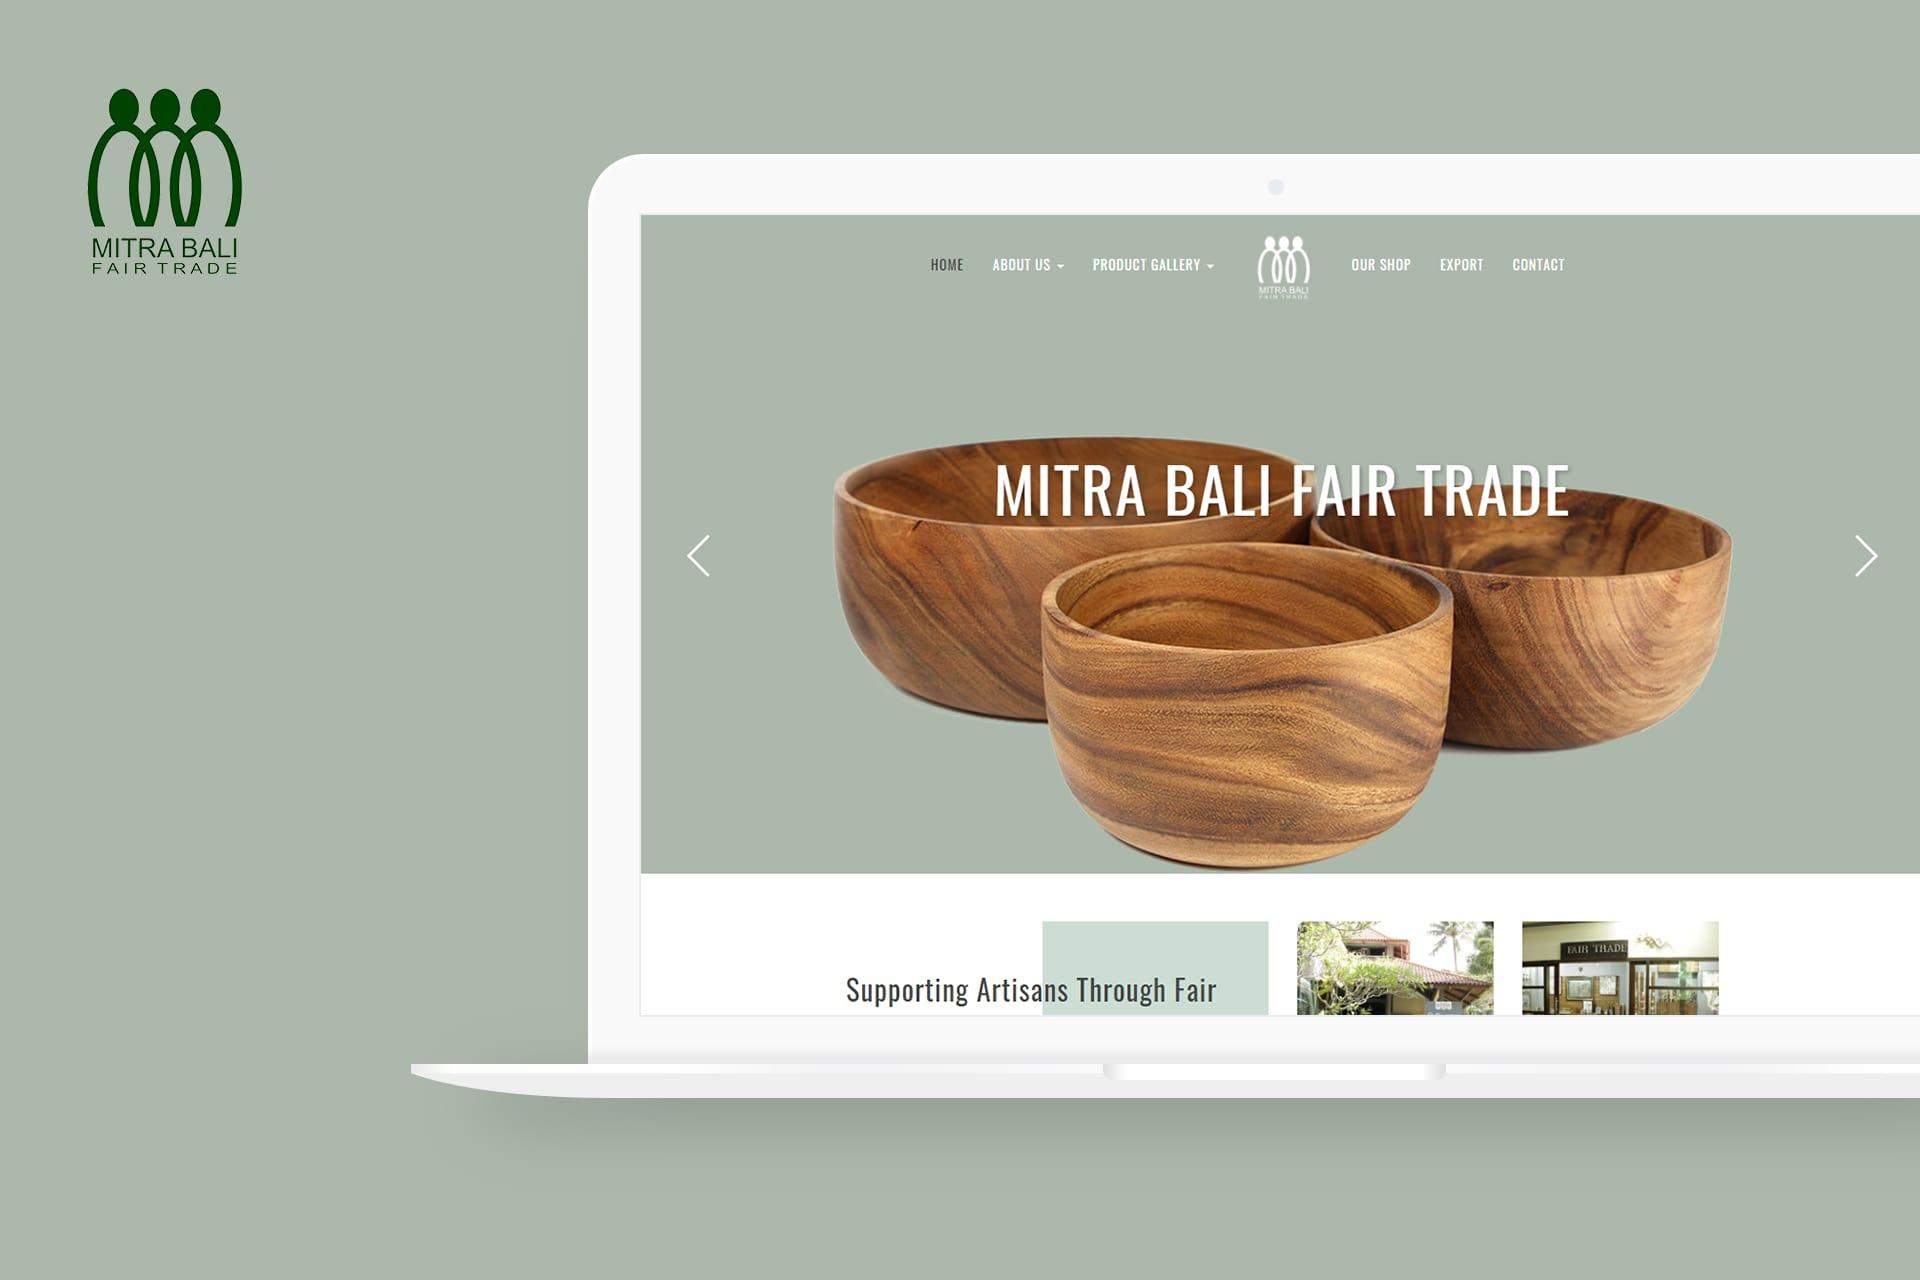 Mitra Bali